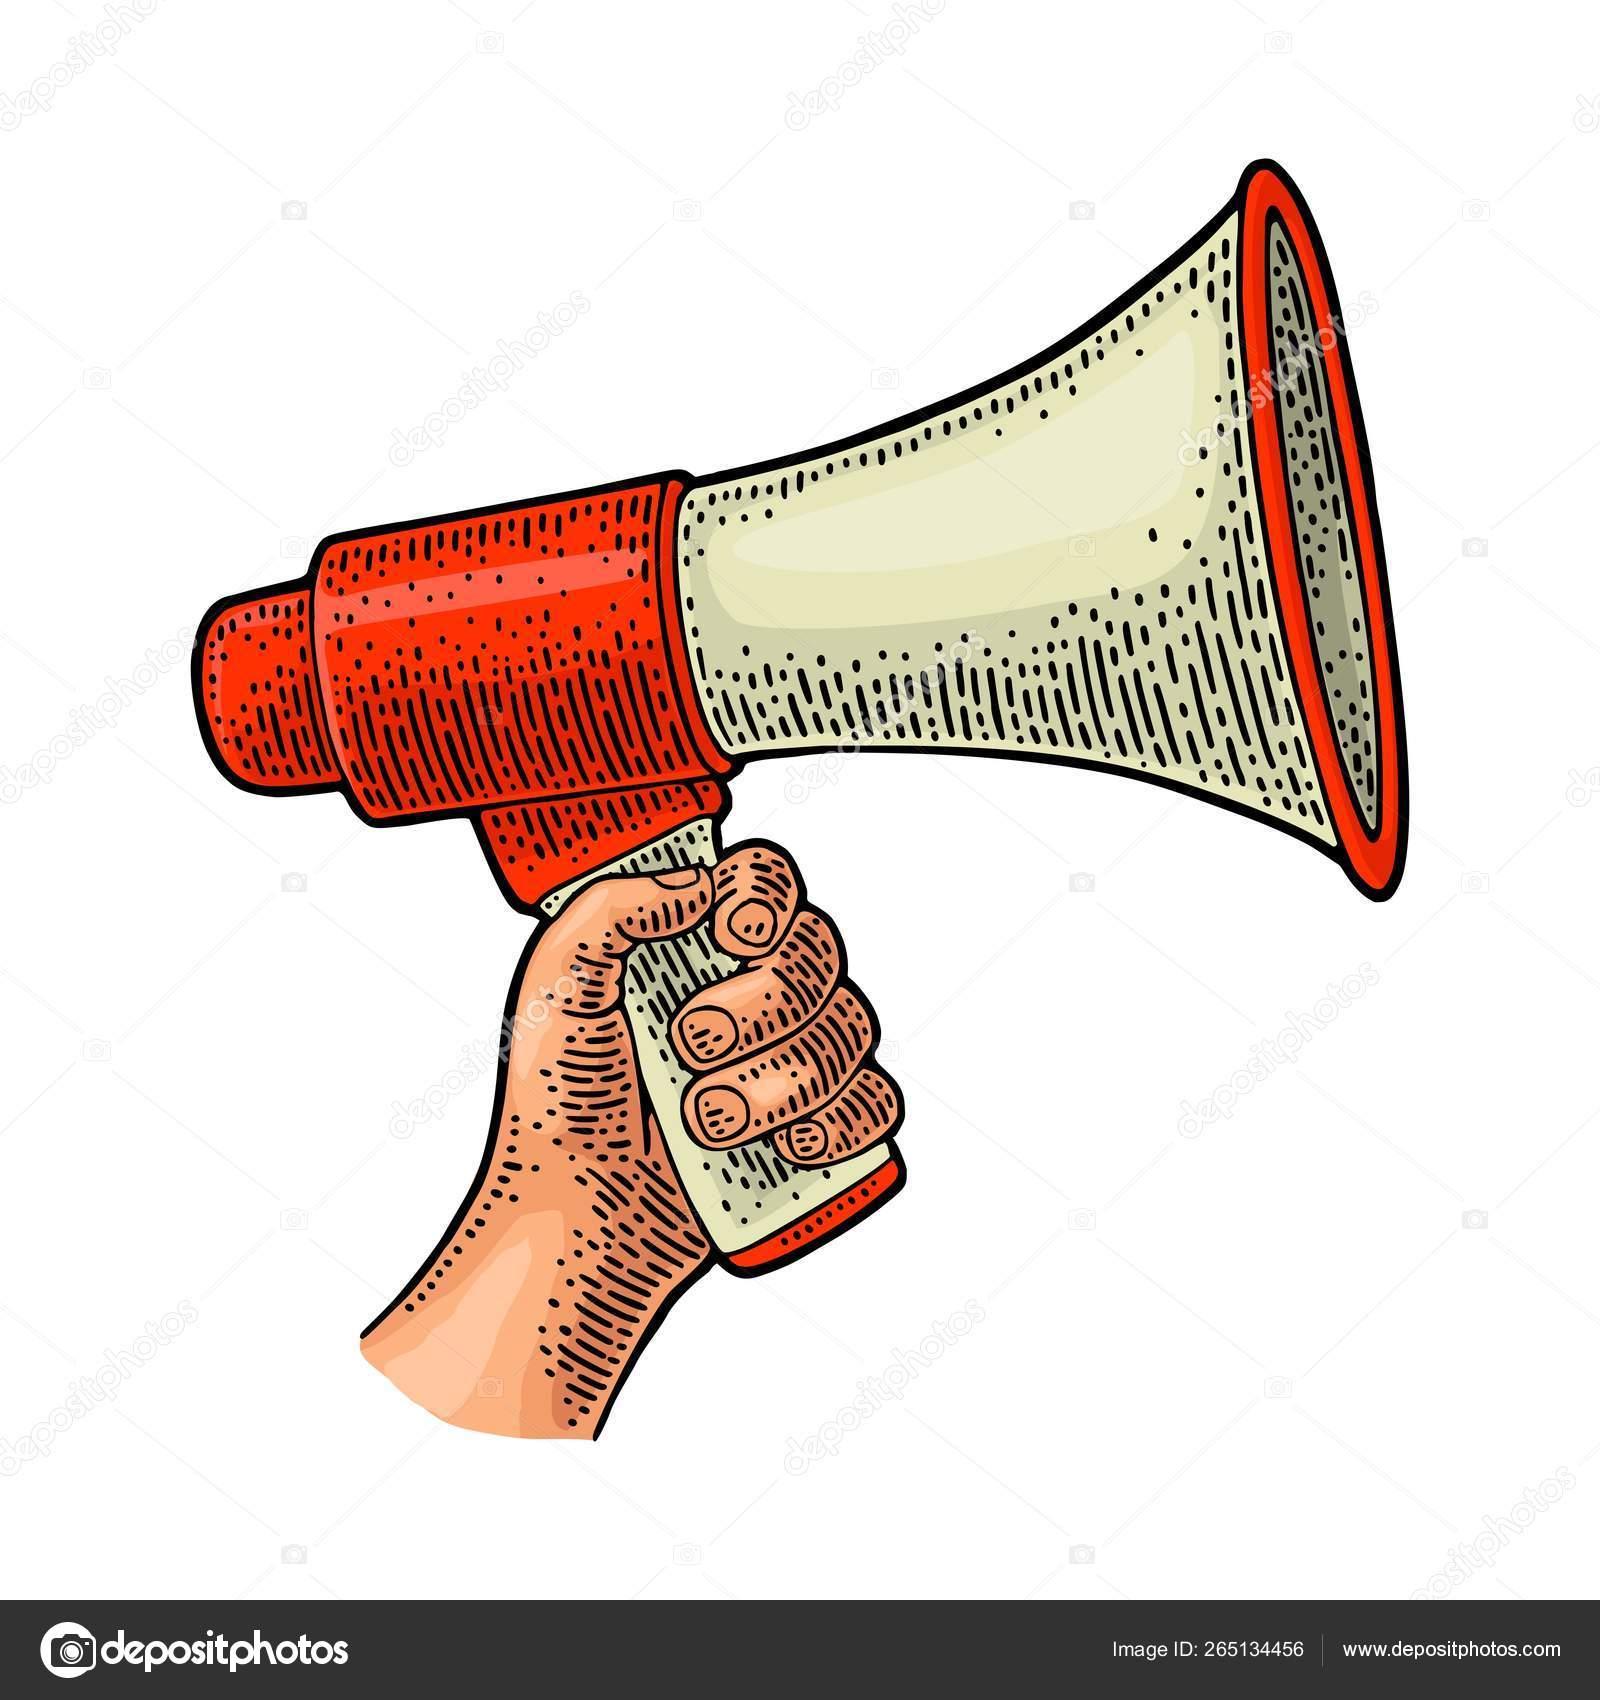 male hand holding loudspeaker vintage vector black engraving stock vector c denispotysiev 265134456 https depositphotos com 265134456 stock illustration male hand holding loudspeaker vintage html